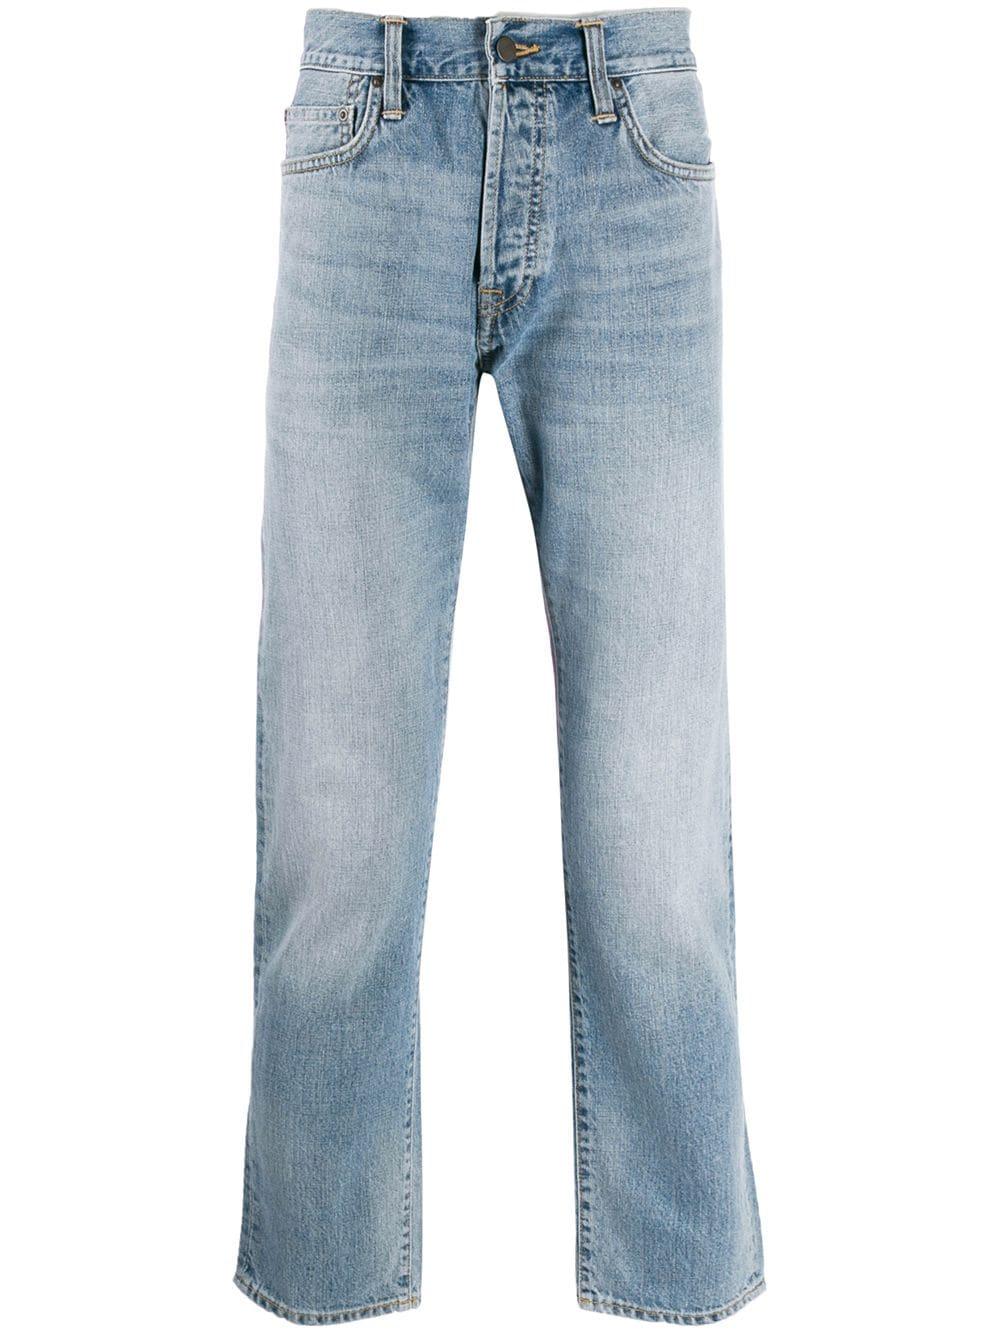 Jeans Klondike Uomo CARHARTT WIP | Jeans | I01673501.WJ